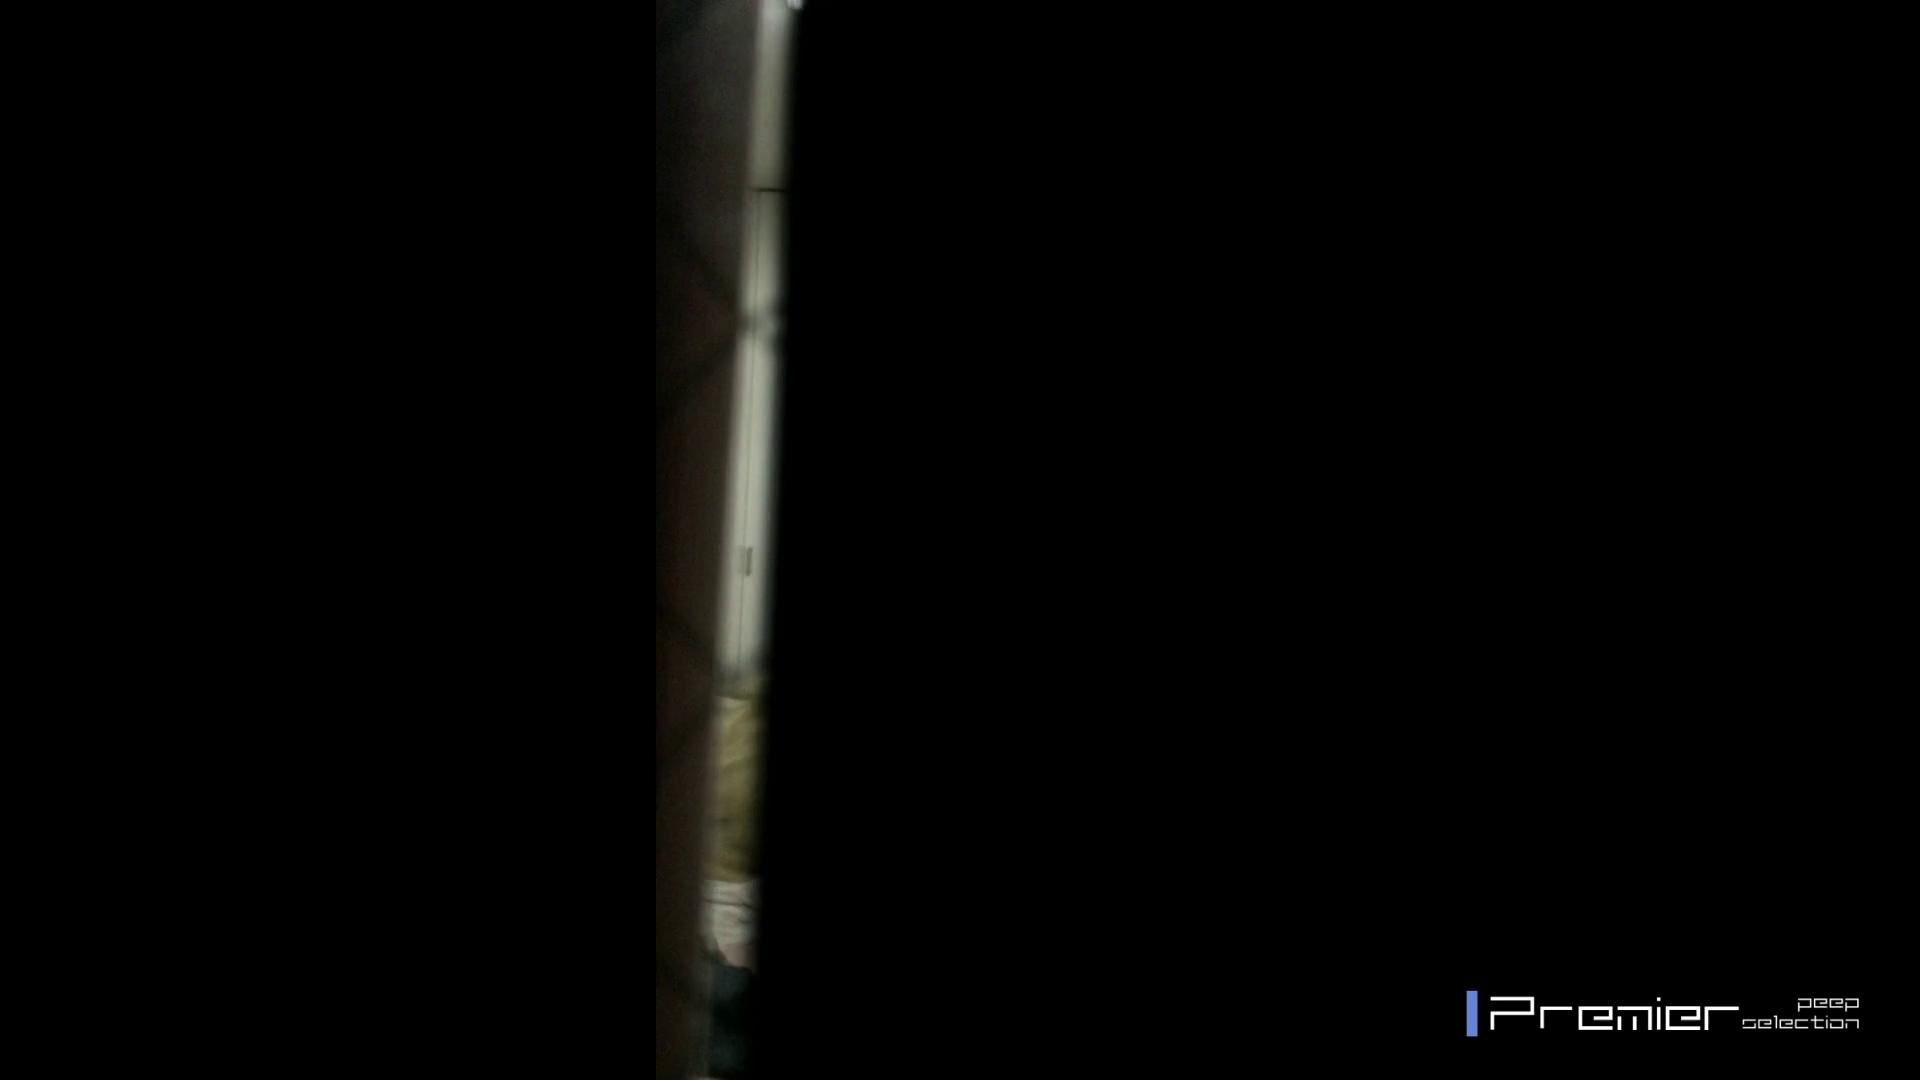 マニア必見!ポチャ達のカーニバル美女達の私生活に潜入! Hな美女 盗み撮り動画 112pic 111